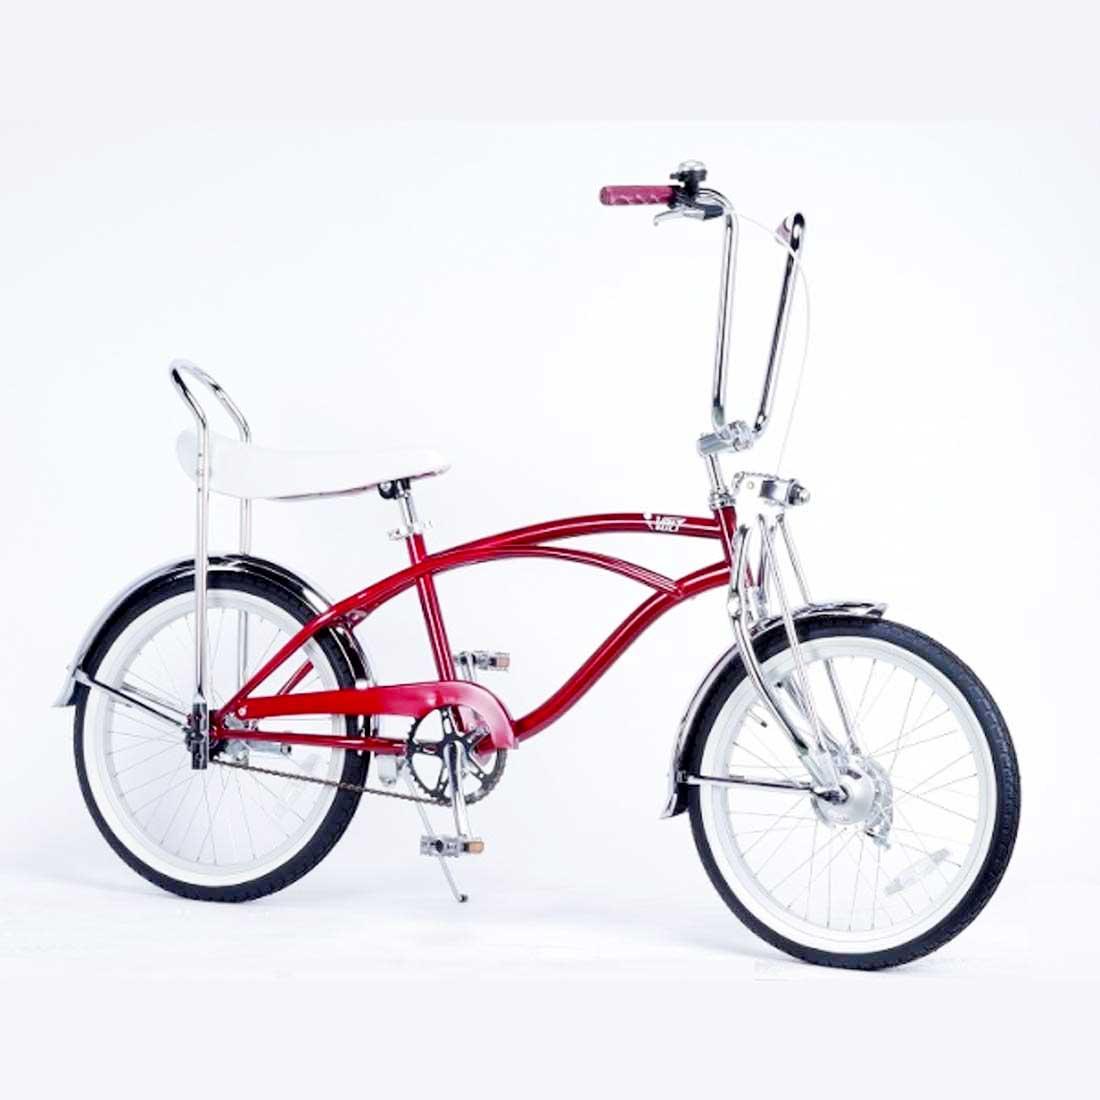 ローライダー 20インチ カスタムバイク おしゃれ 自転車 通勤 通学 レインボービーチクルーザー VOLT LOW-RIDER レッド メンズ レディース ジュニア